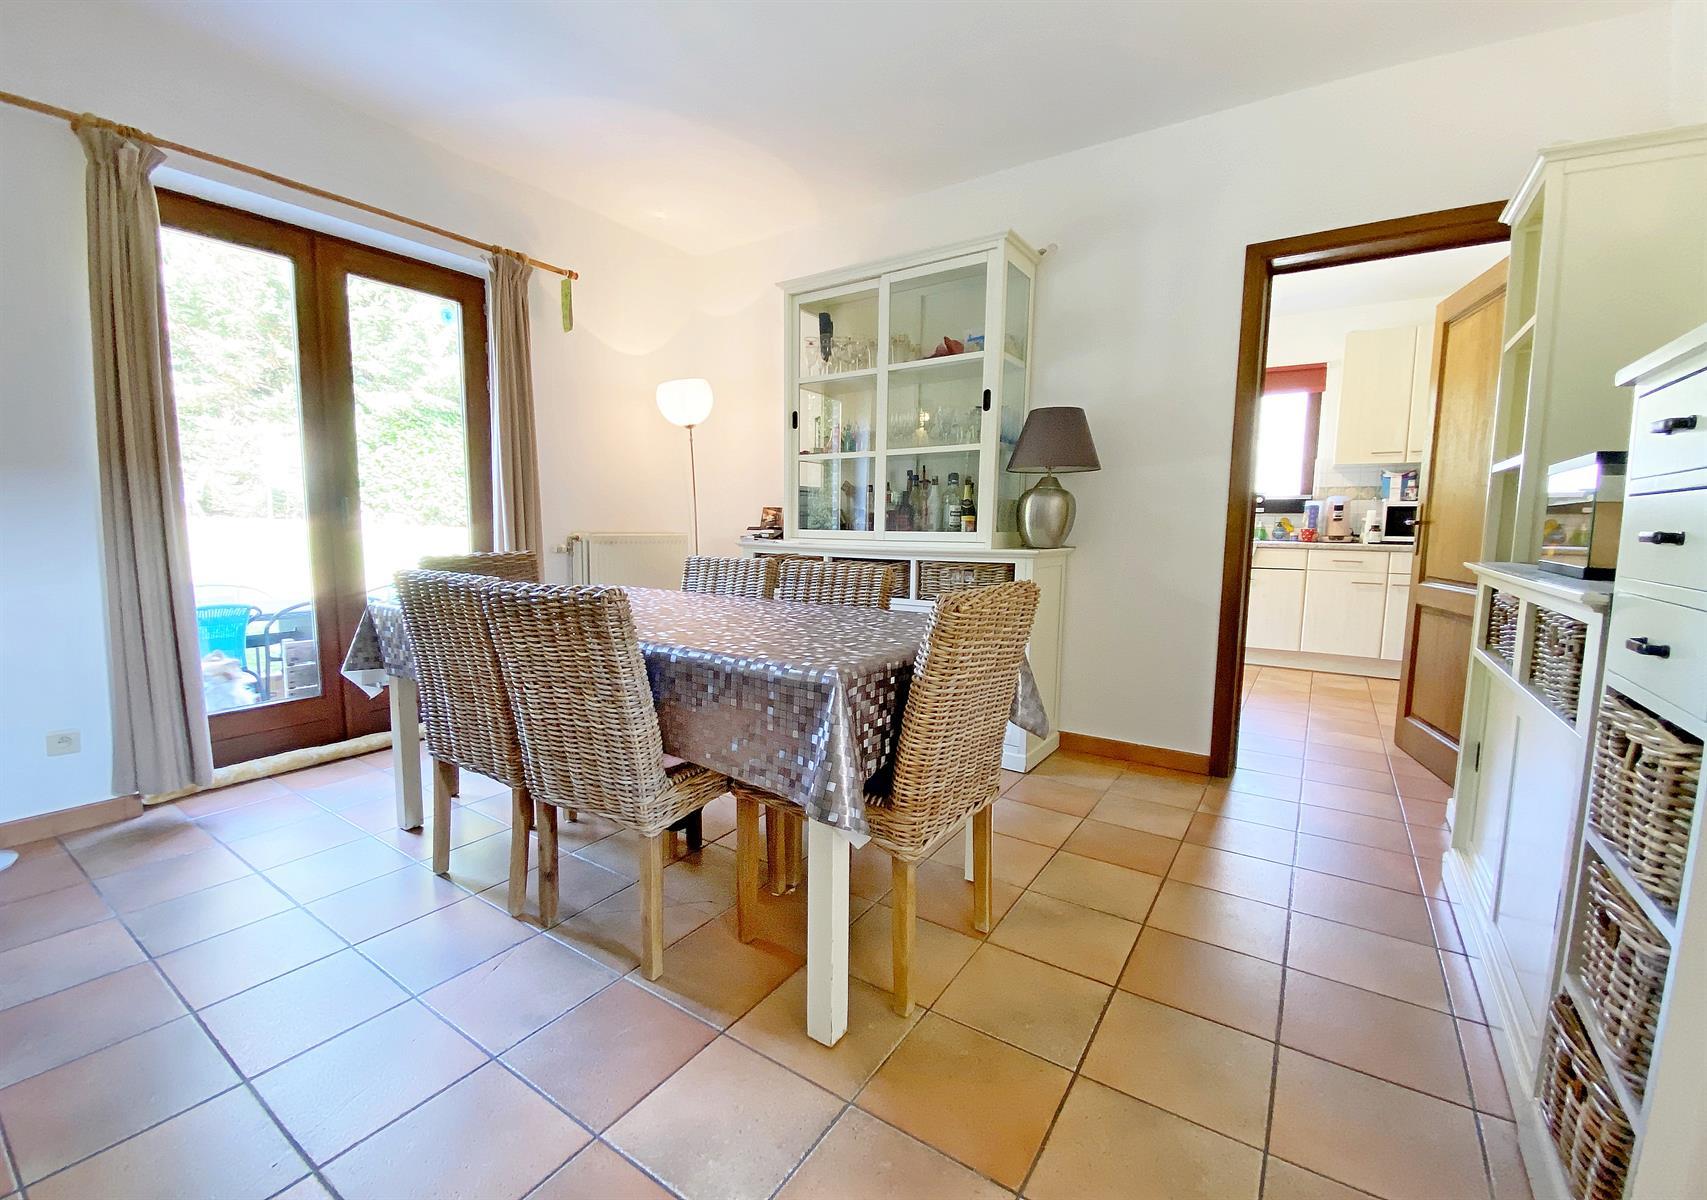 Maison - Aische-en-Refail - #4183531-4